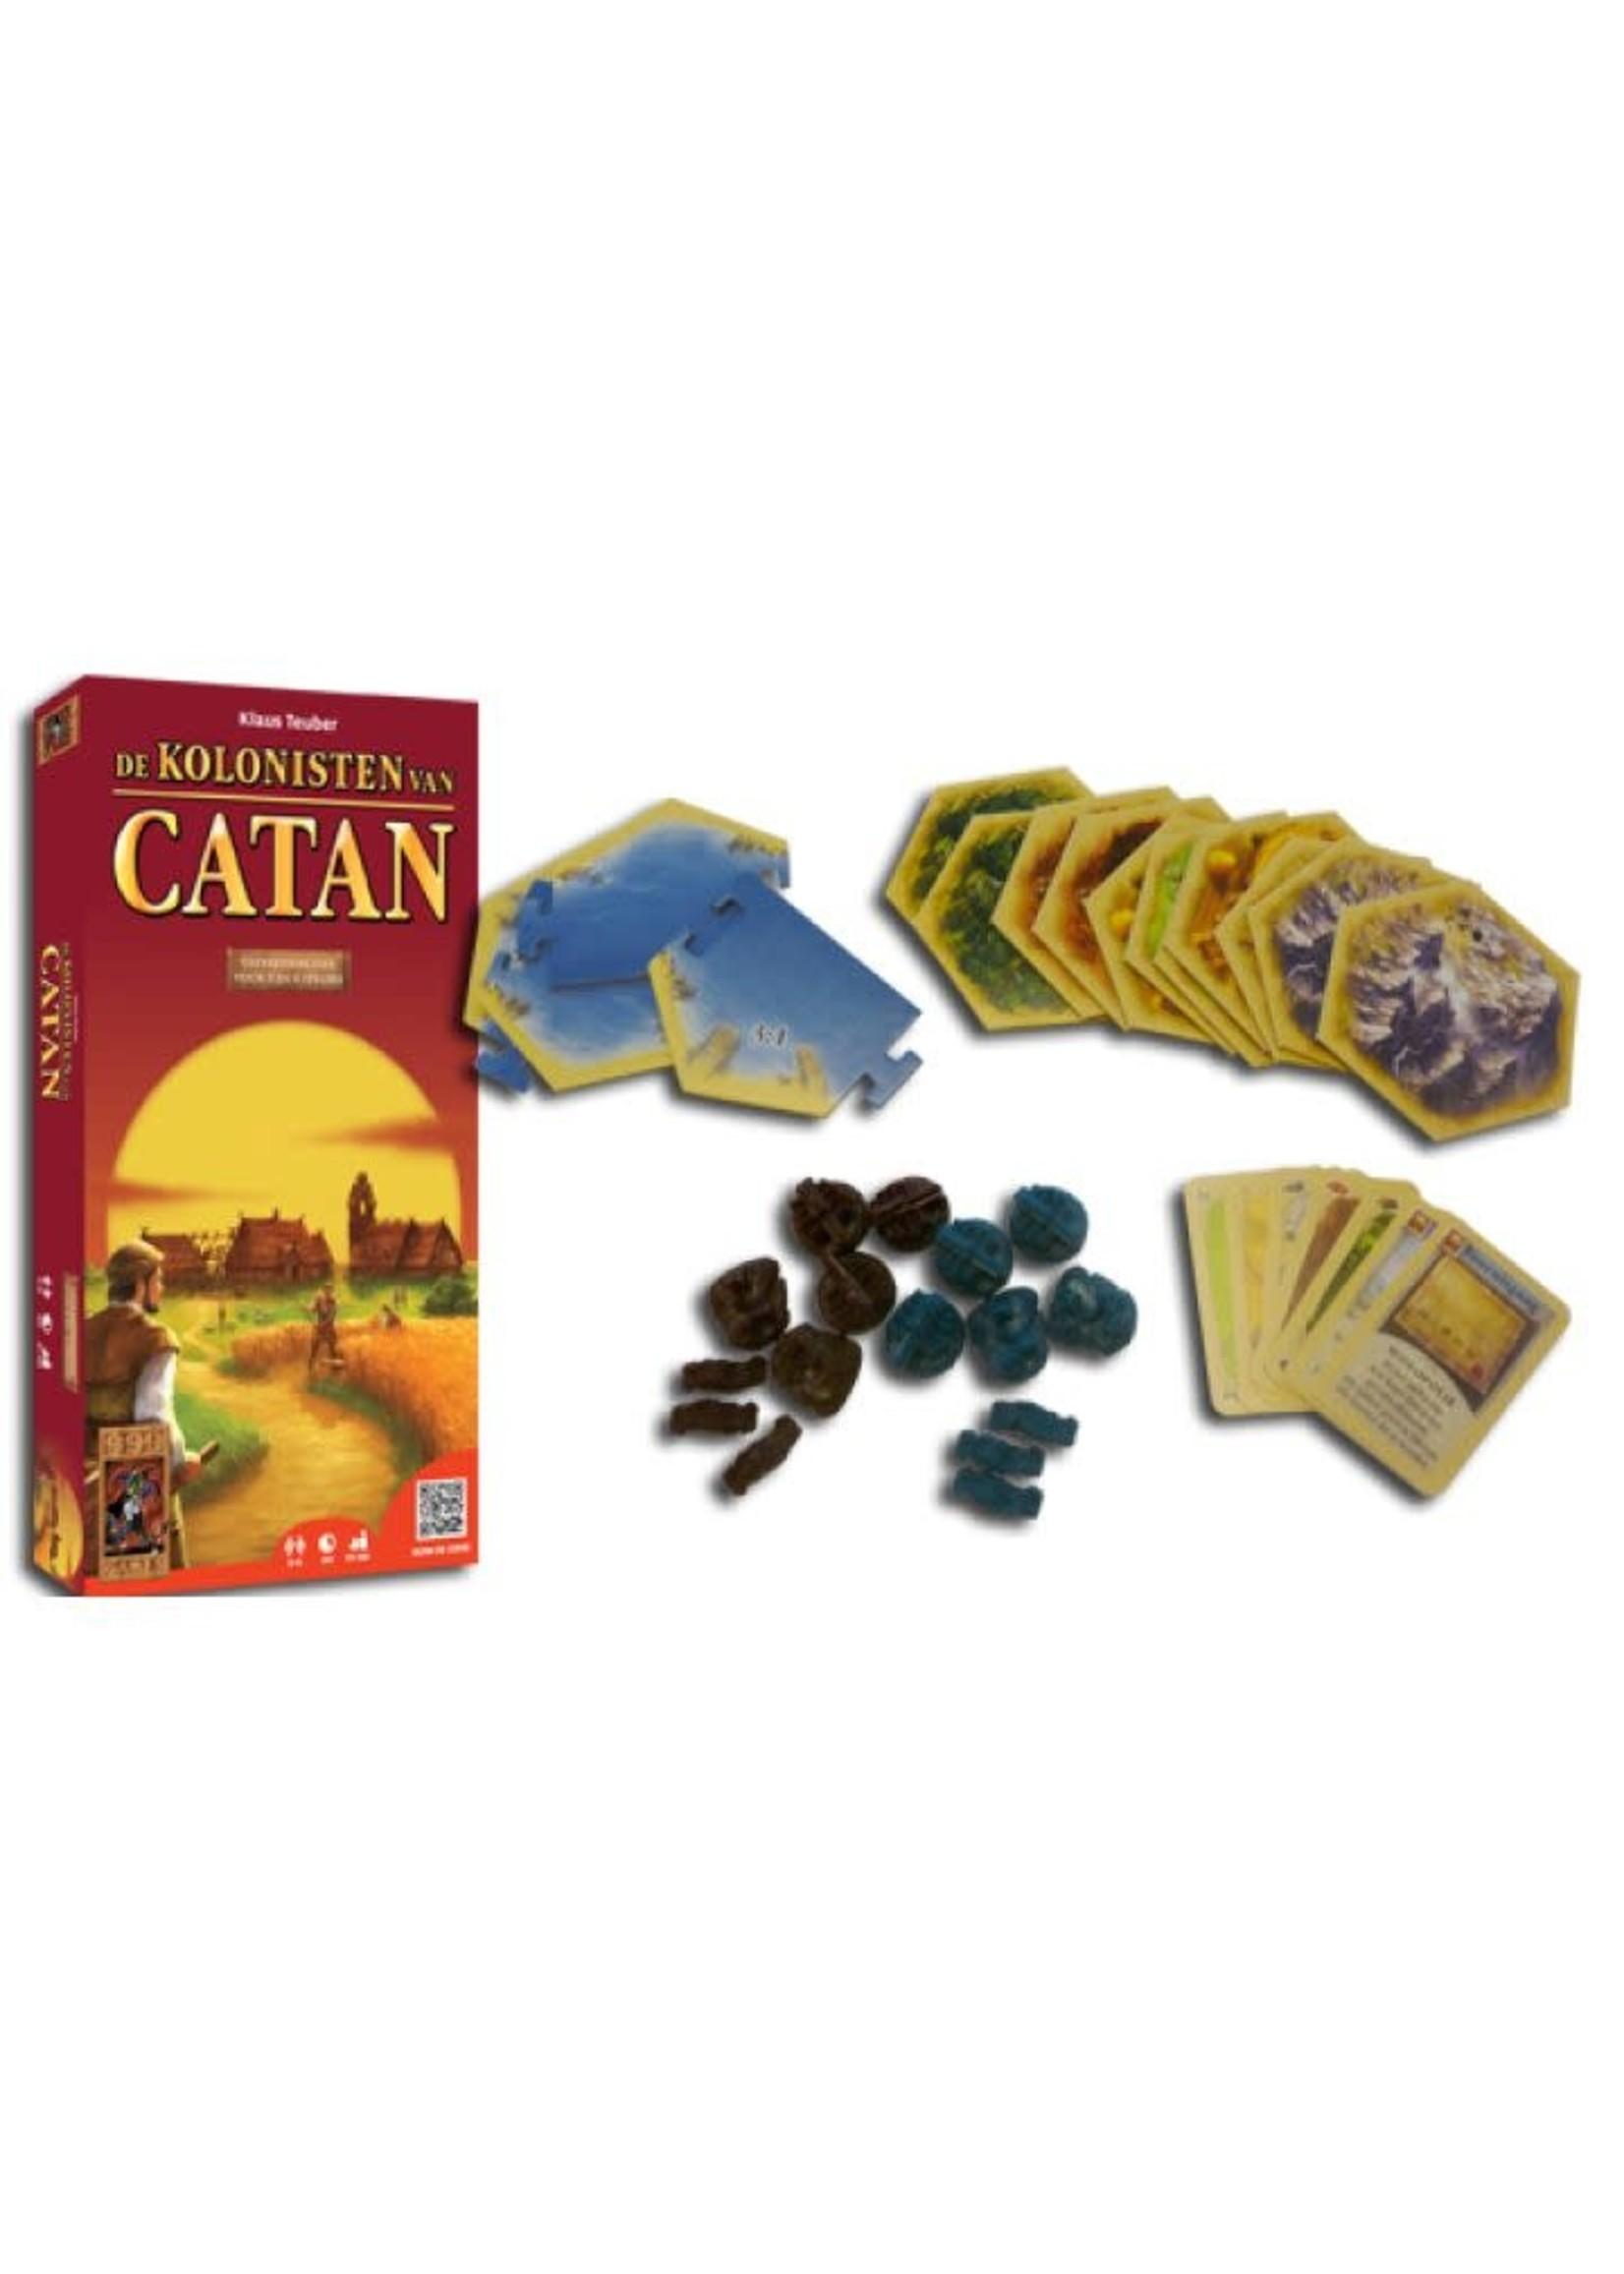 Kolonisten Van Catan: Uitbreiding 5-6 Spelers